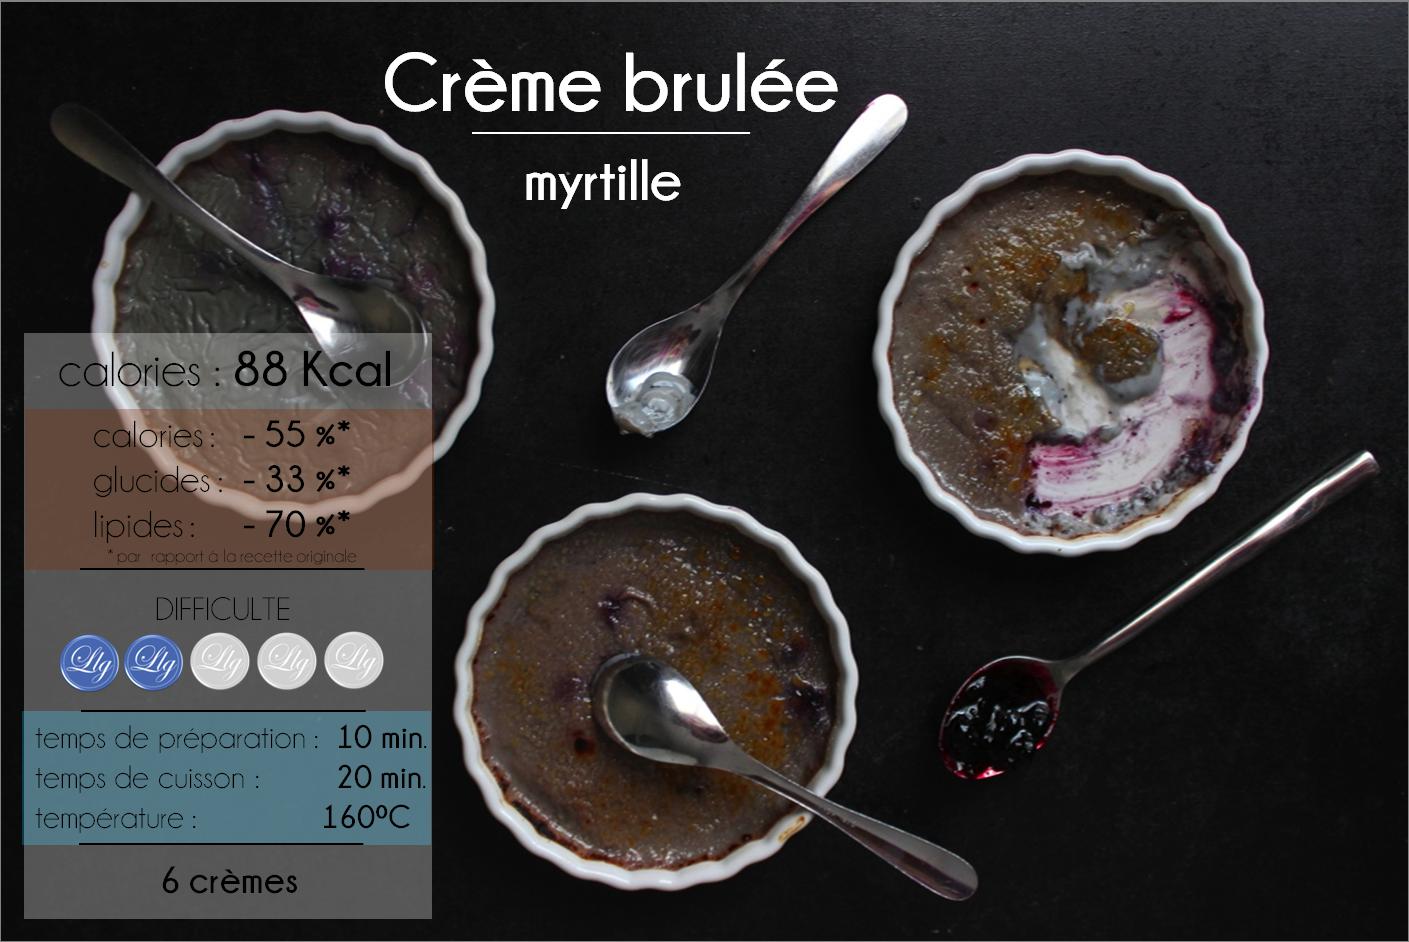 crème brulée myrtille